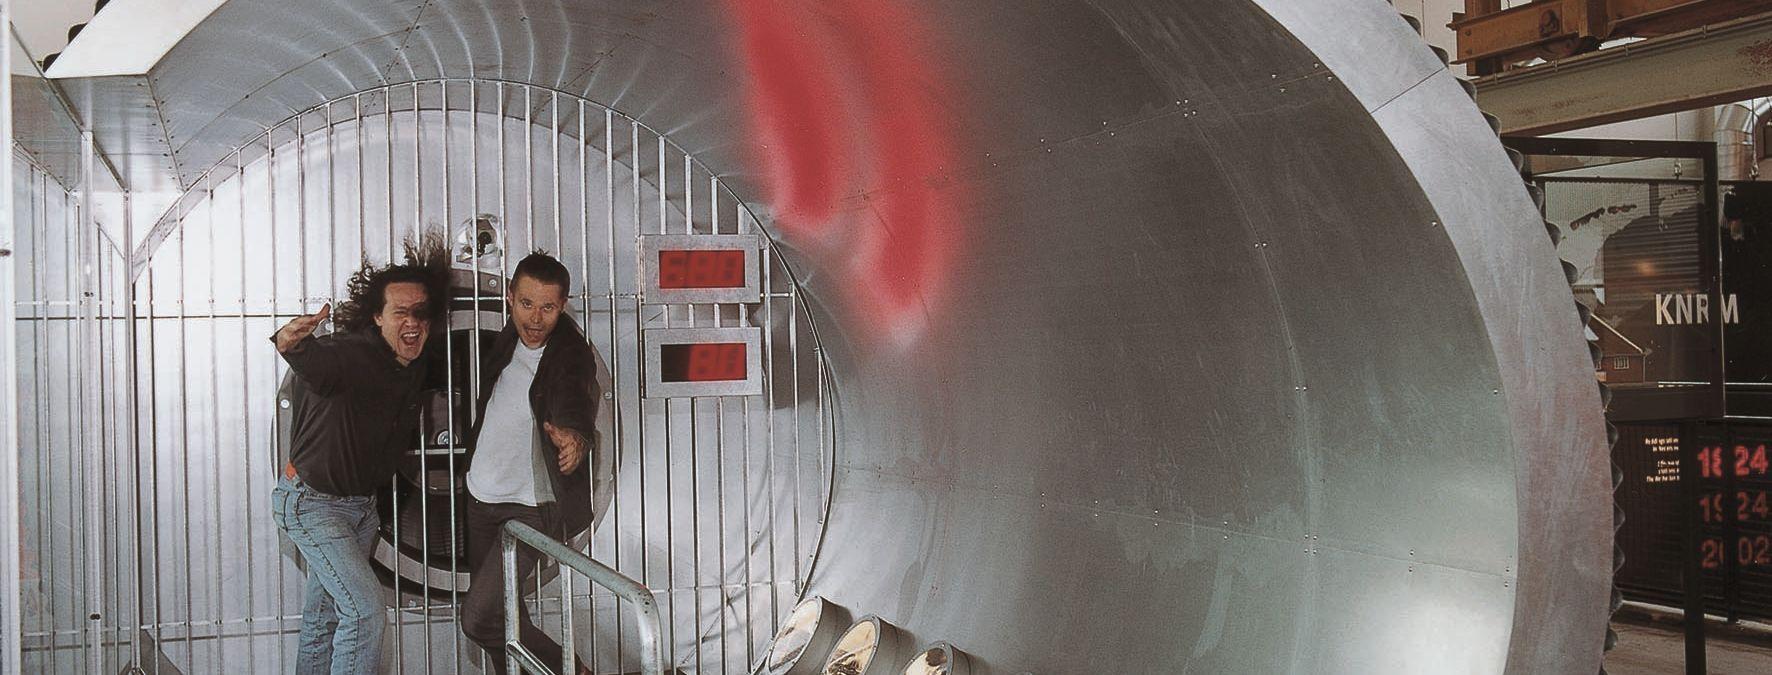 Windtunnel reddingmuseum Den Helder